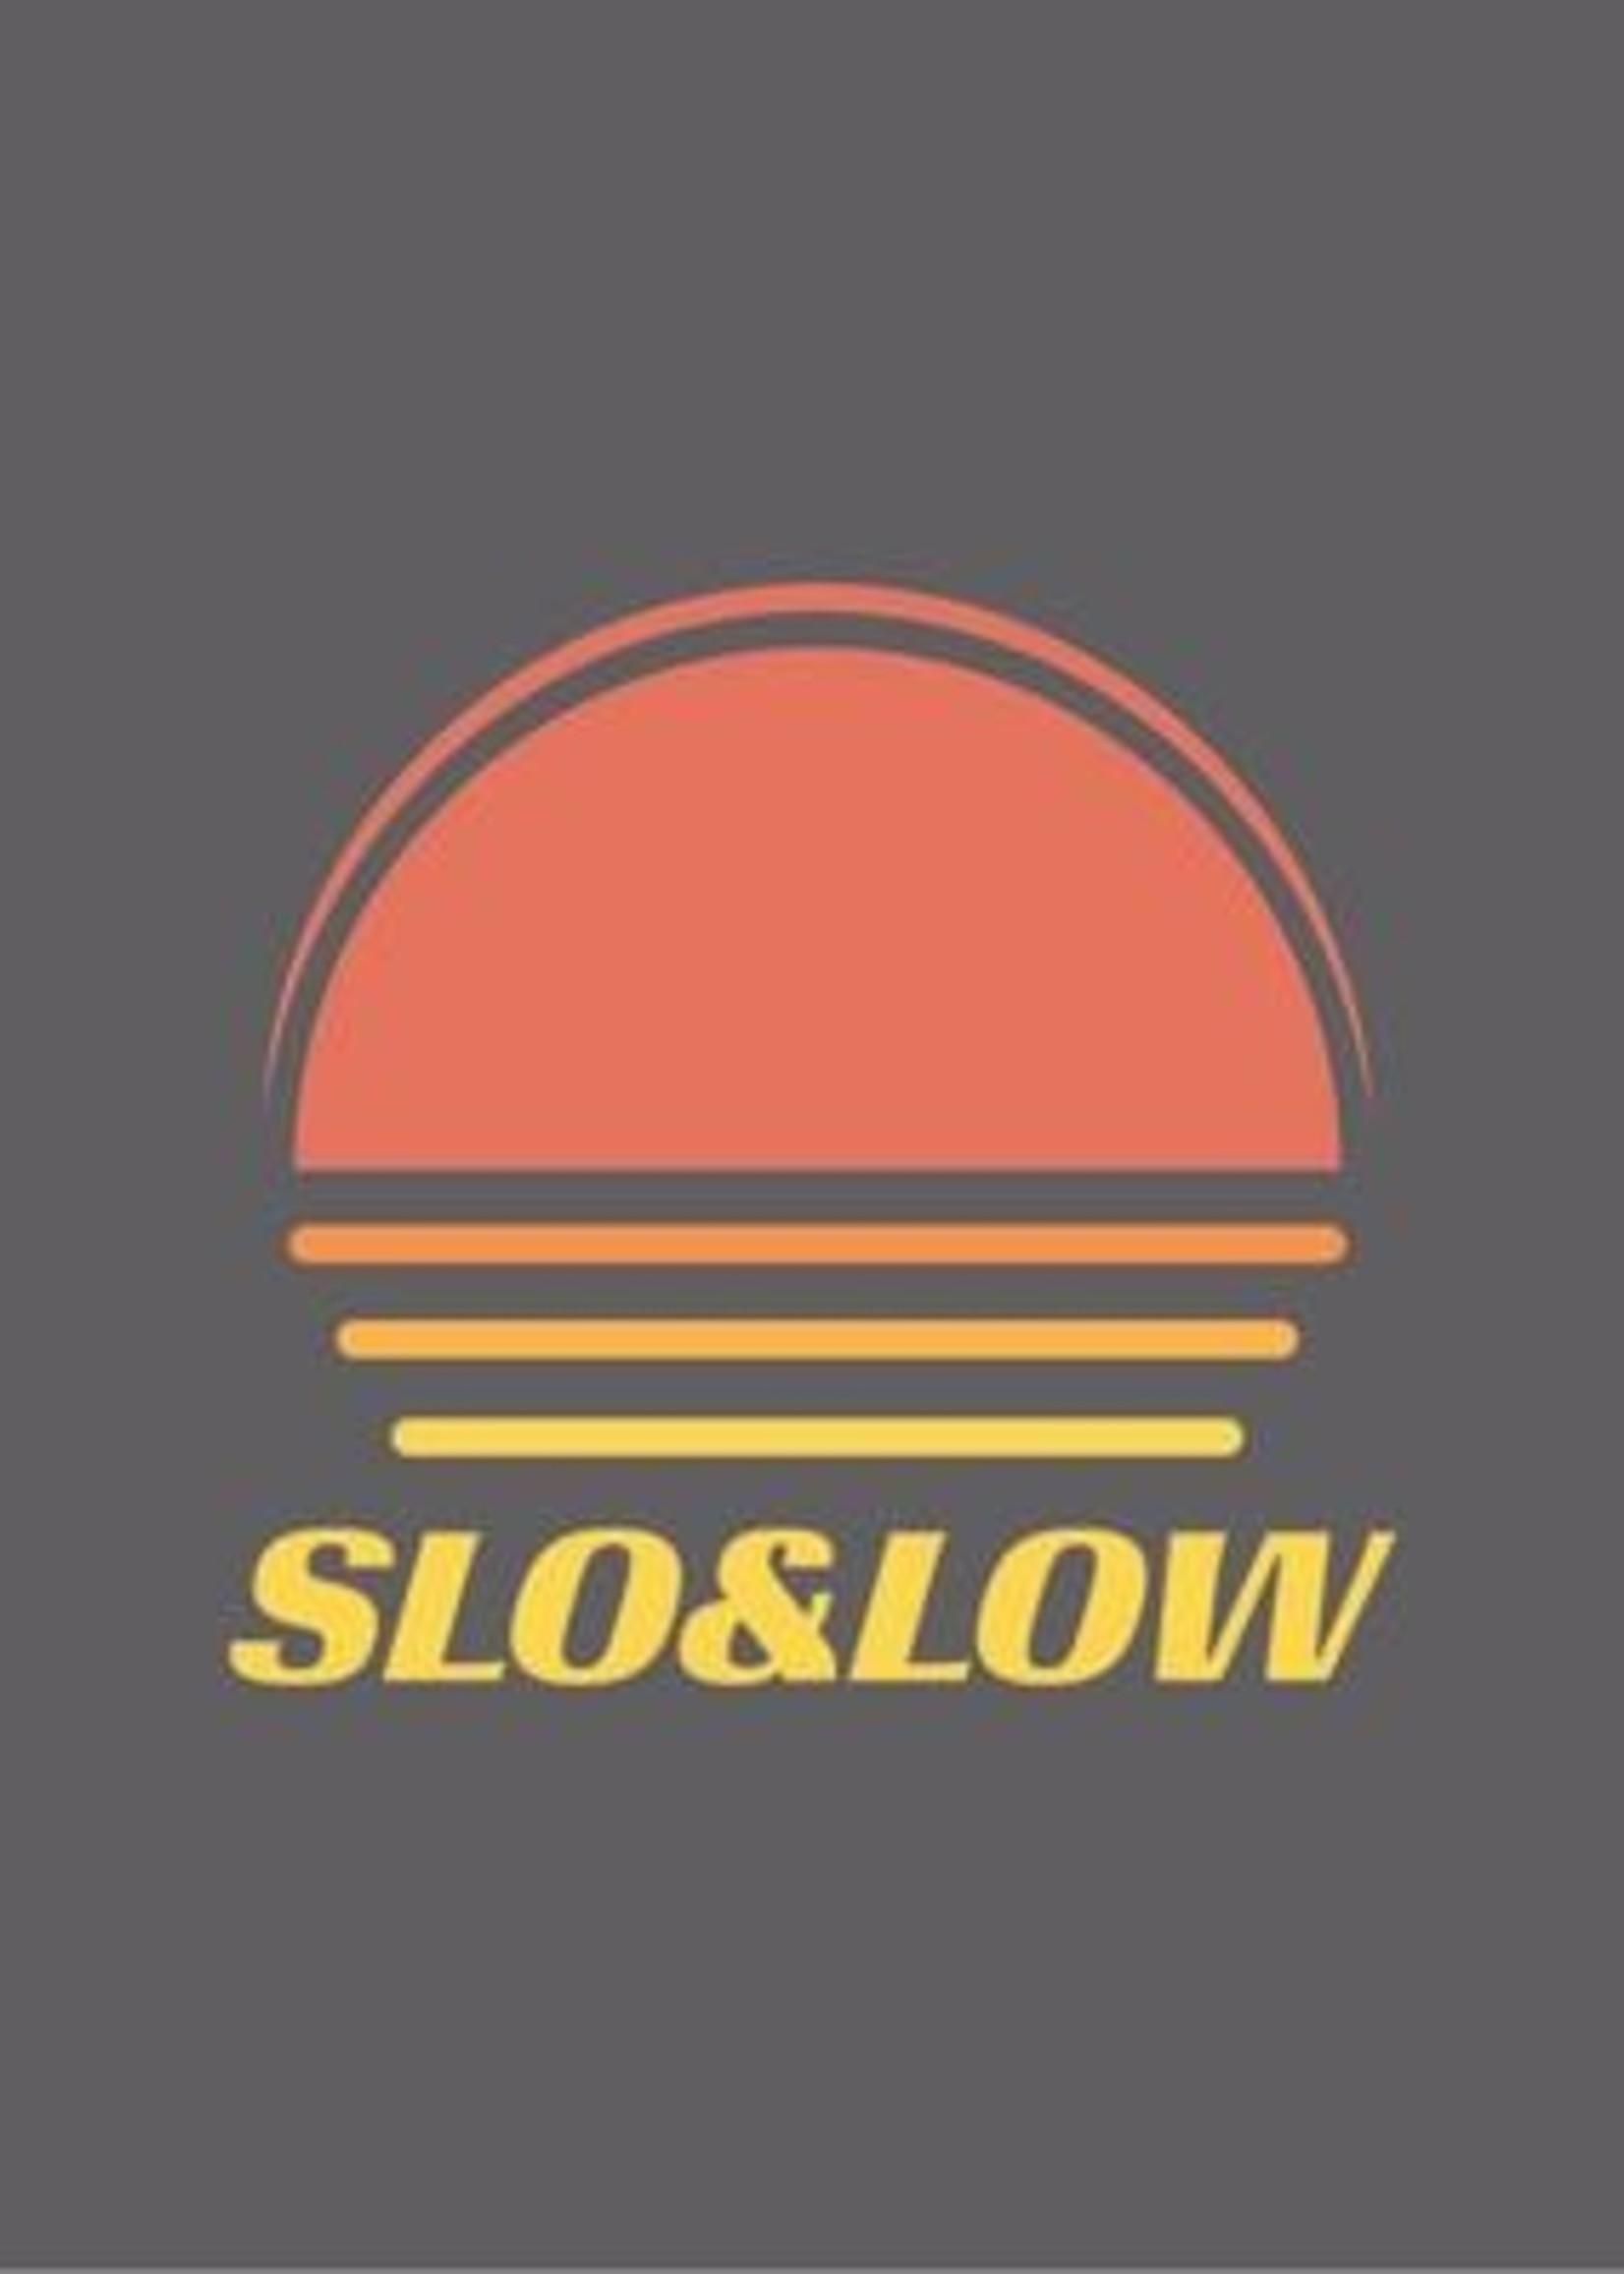 Slo&Low Sticker